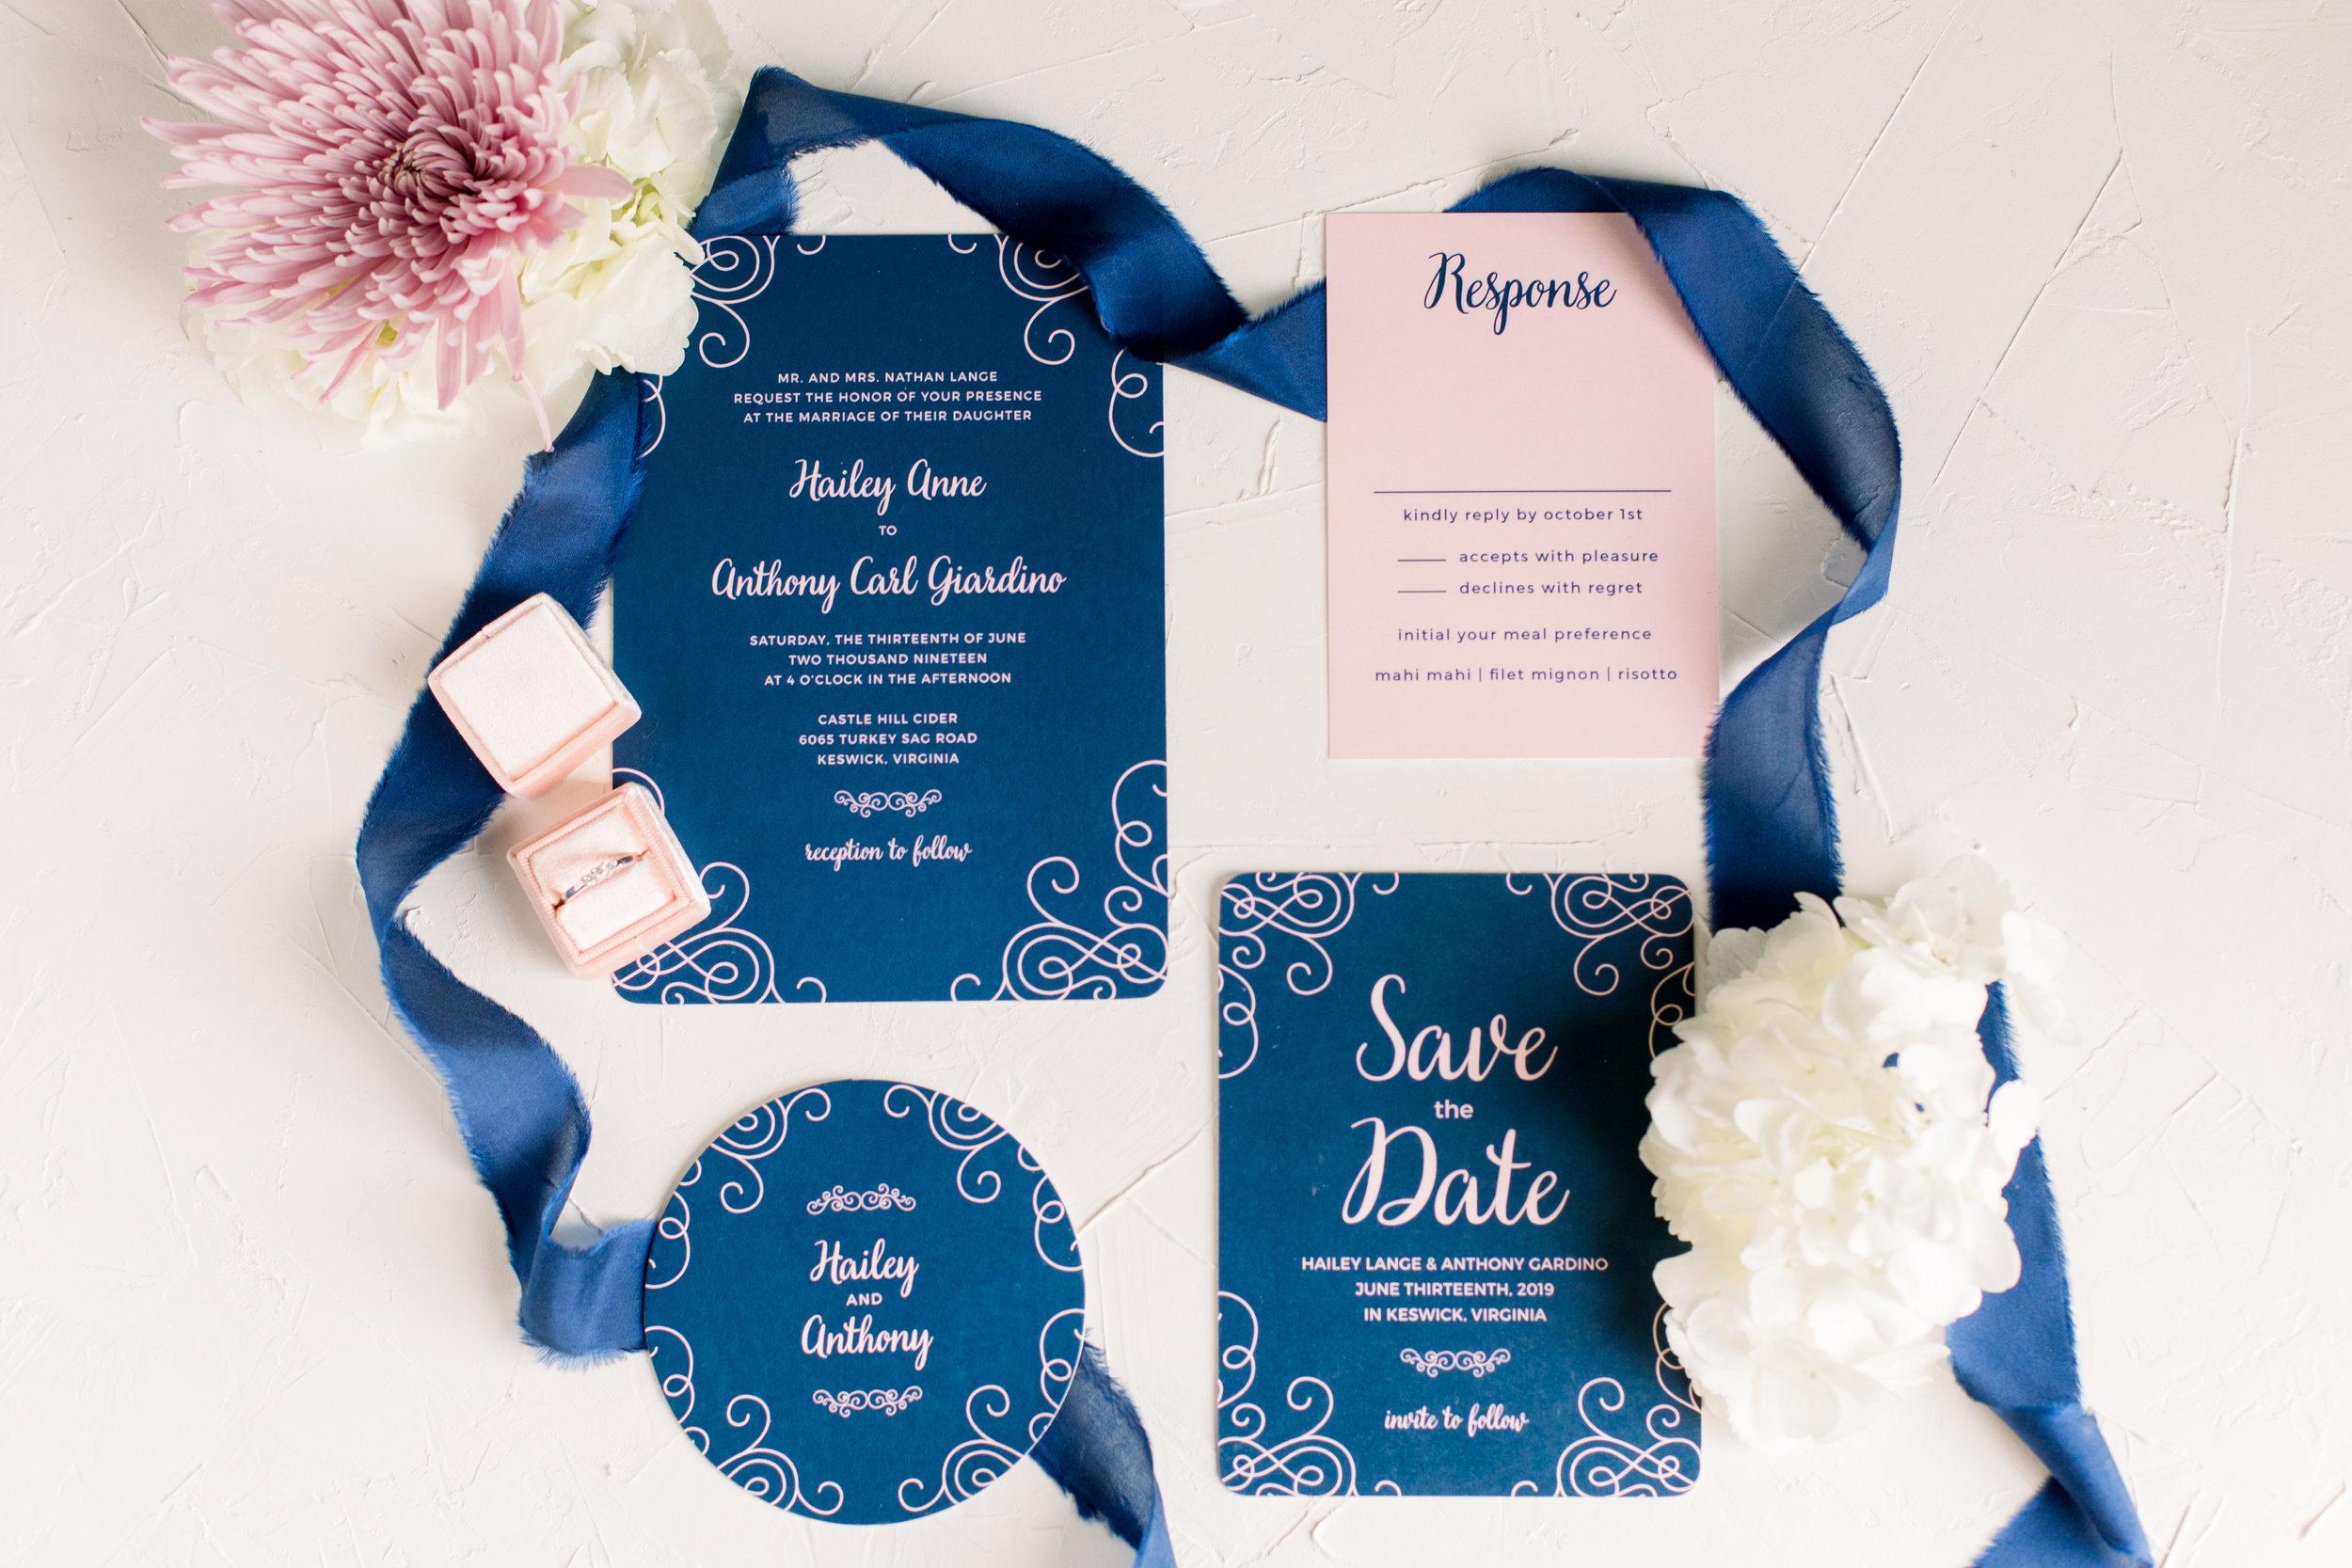 Basic-Invite-2.jpg